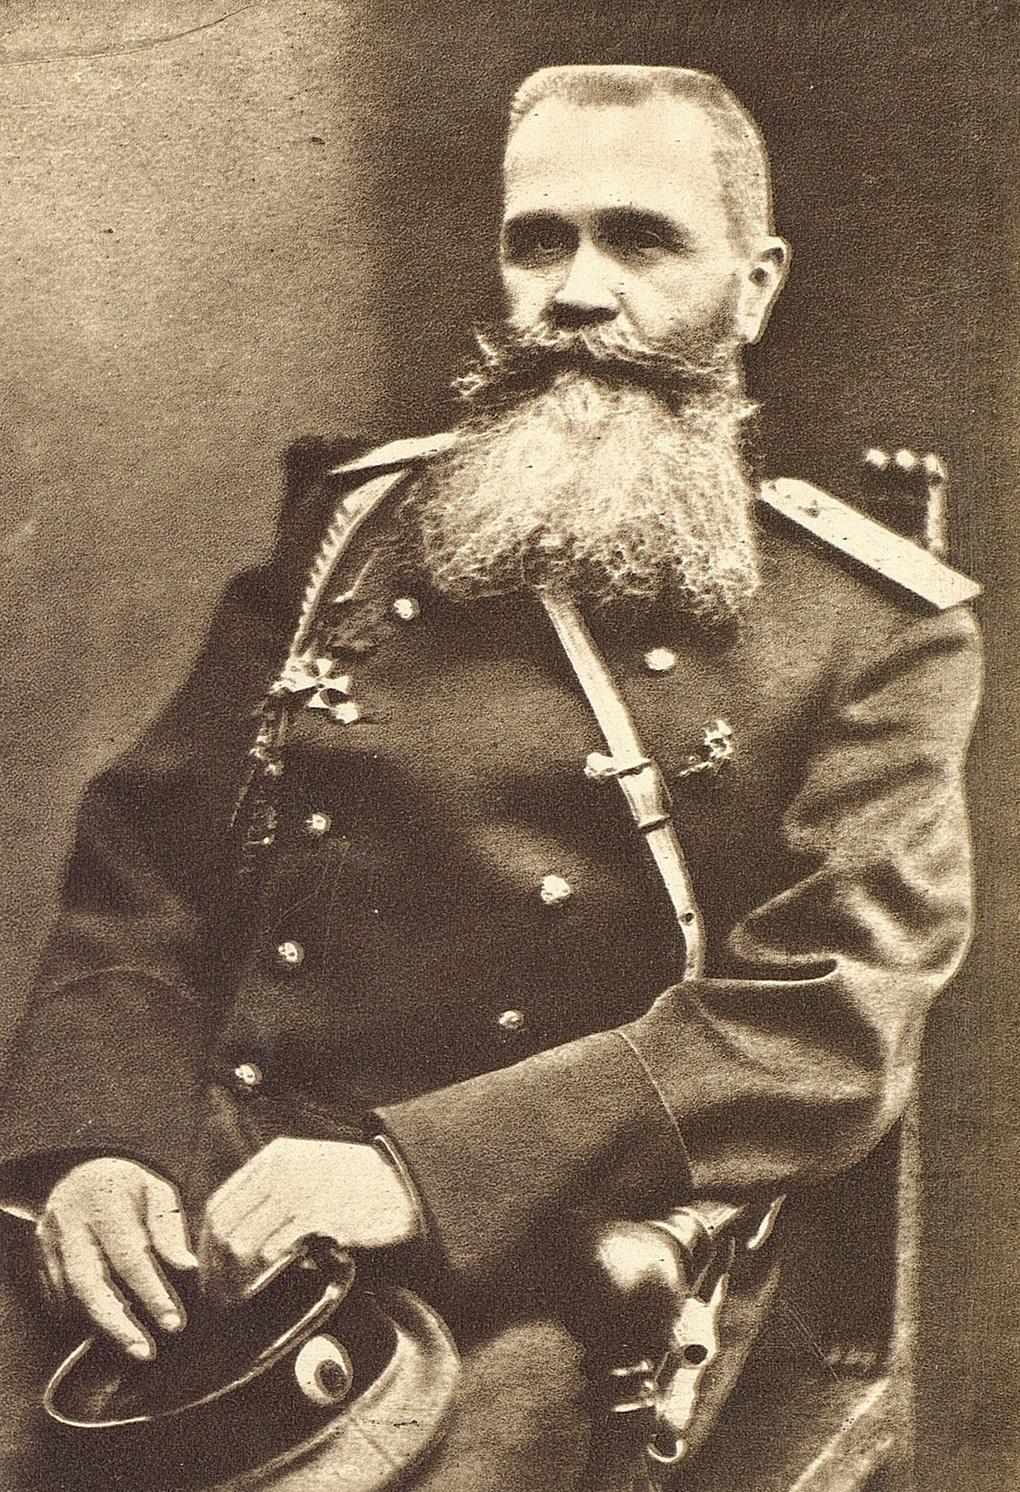 Командующий Юго-Западным фронтом генерал Н.И.Иванов.